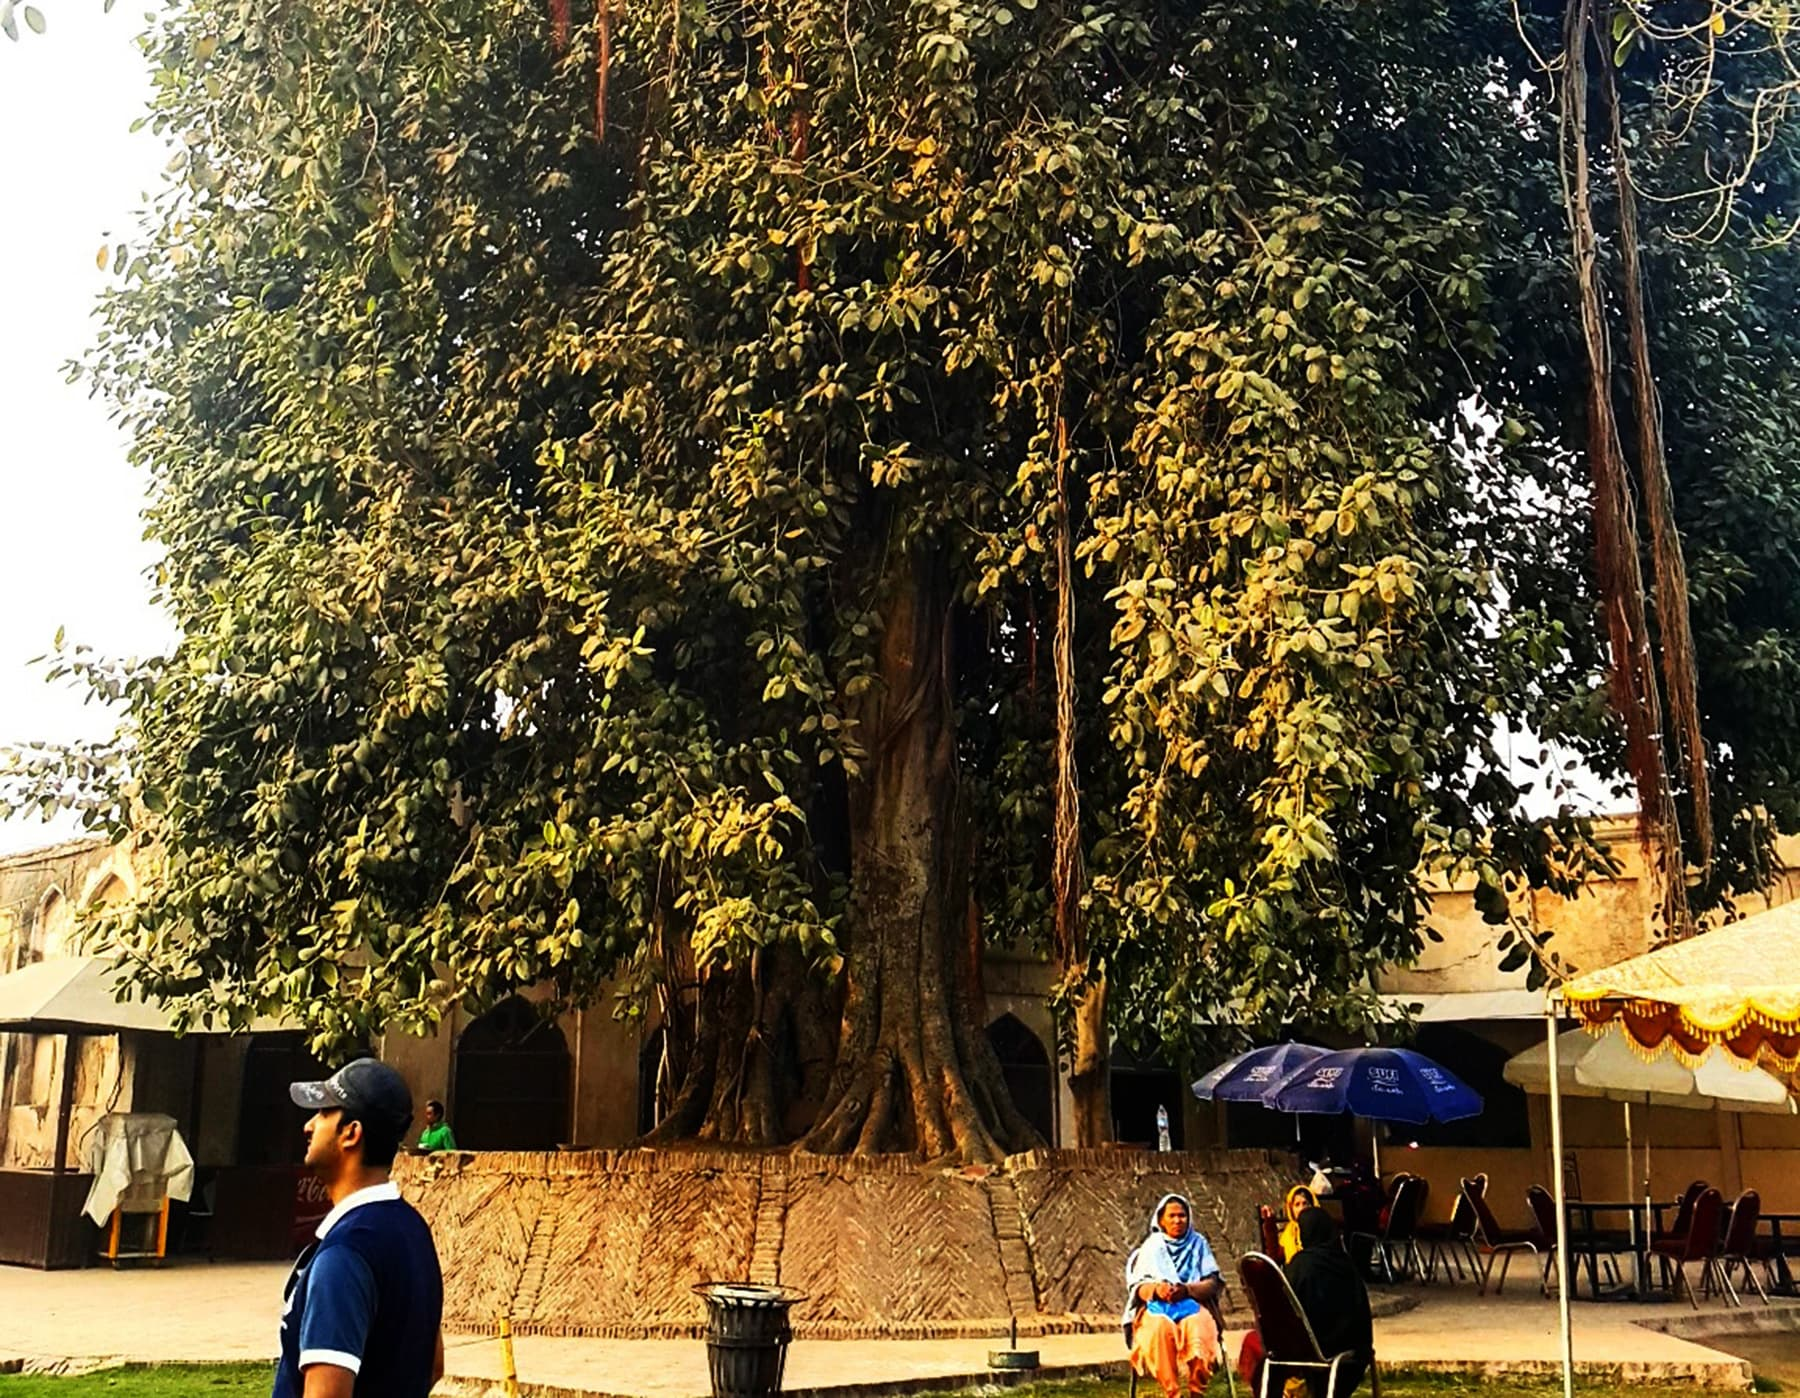 برگد کا درخت— تصویر صوفیہ کاشف